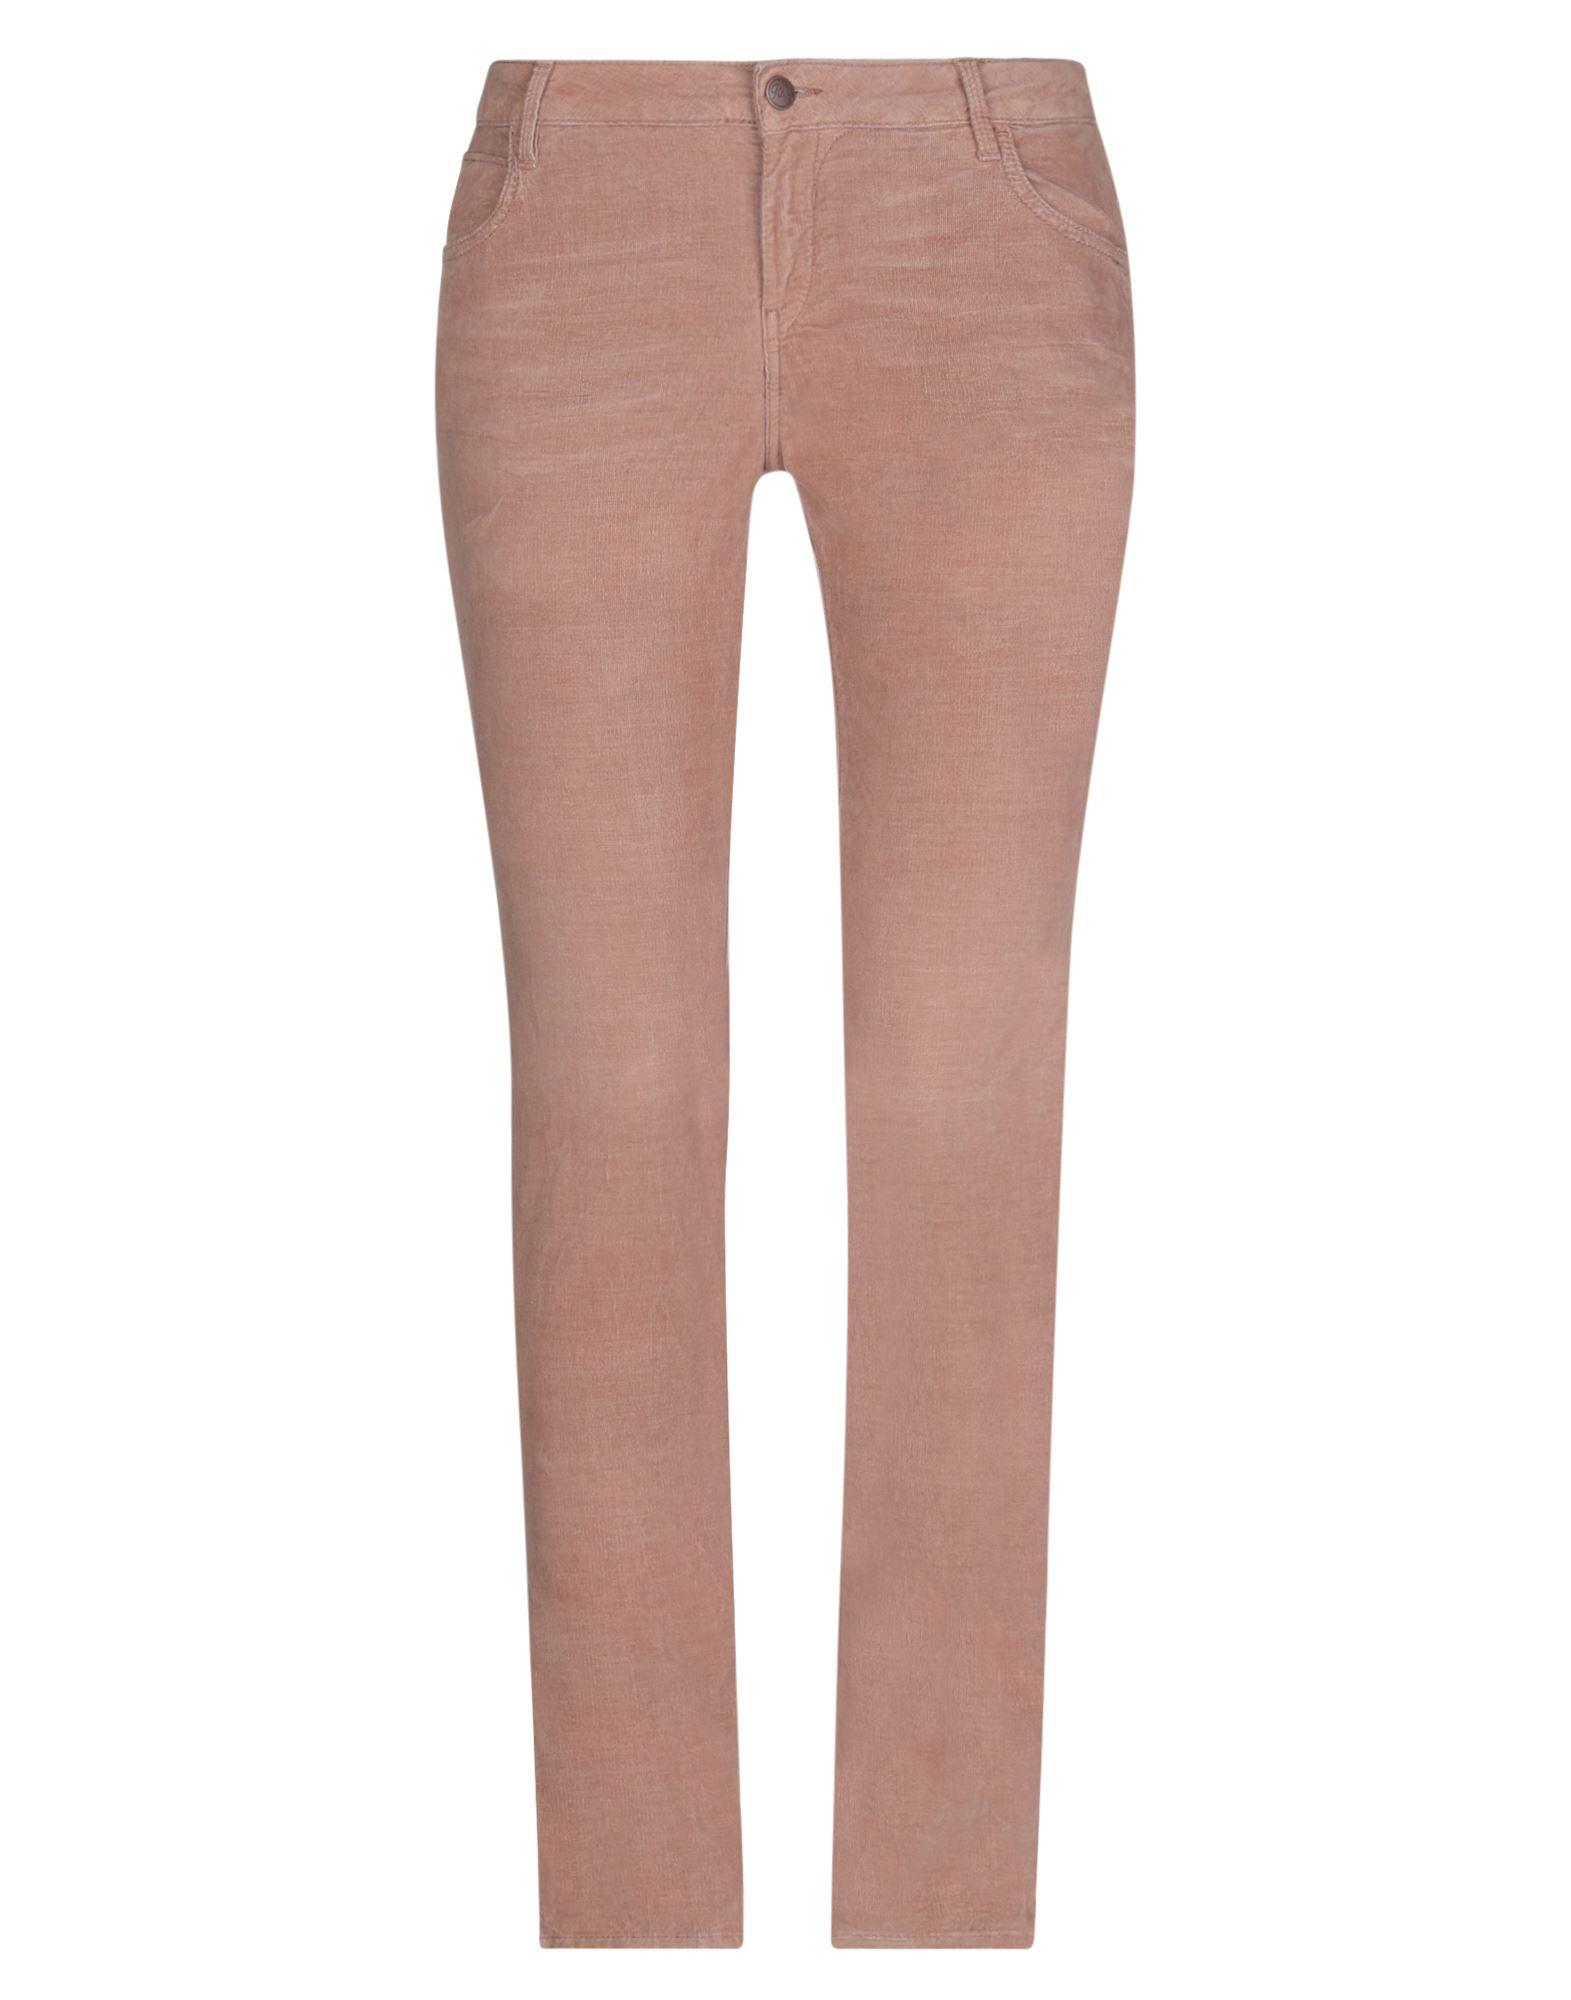 REIKO Casual pants - Item 13537448